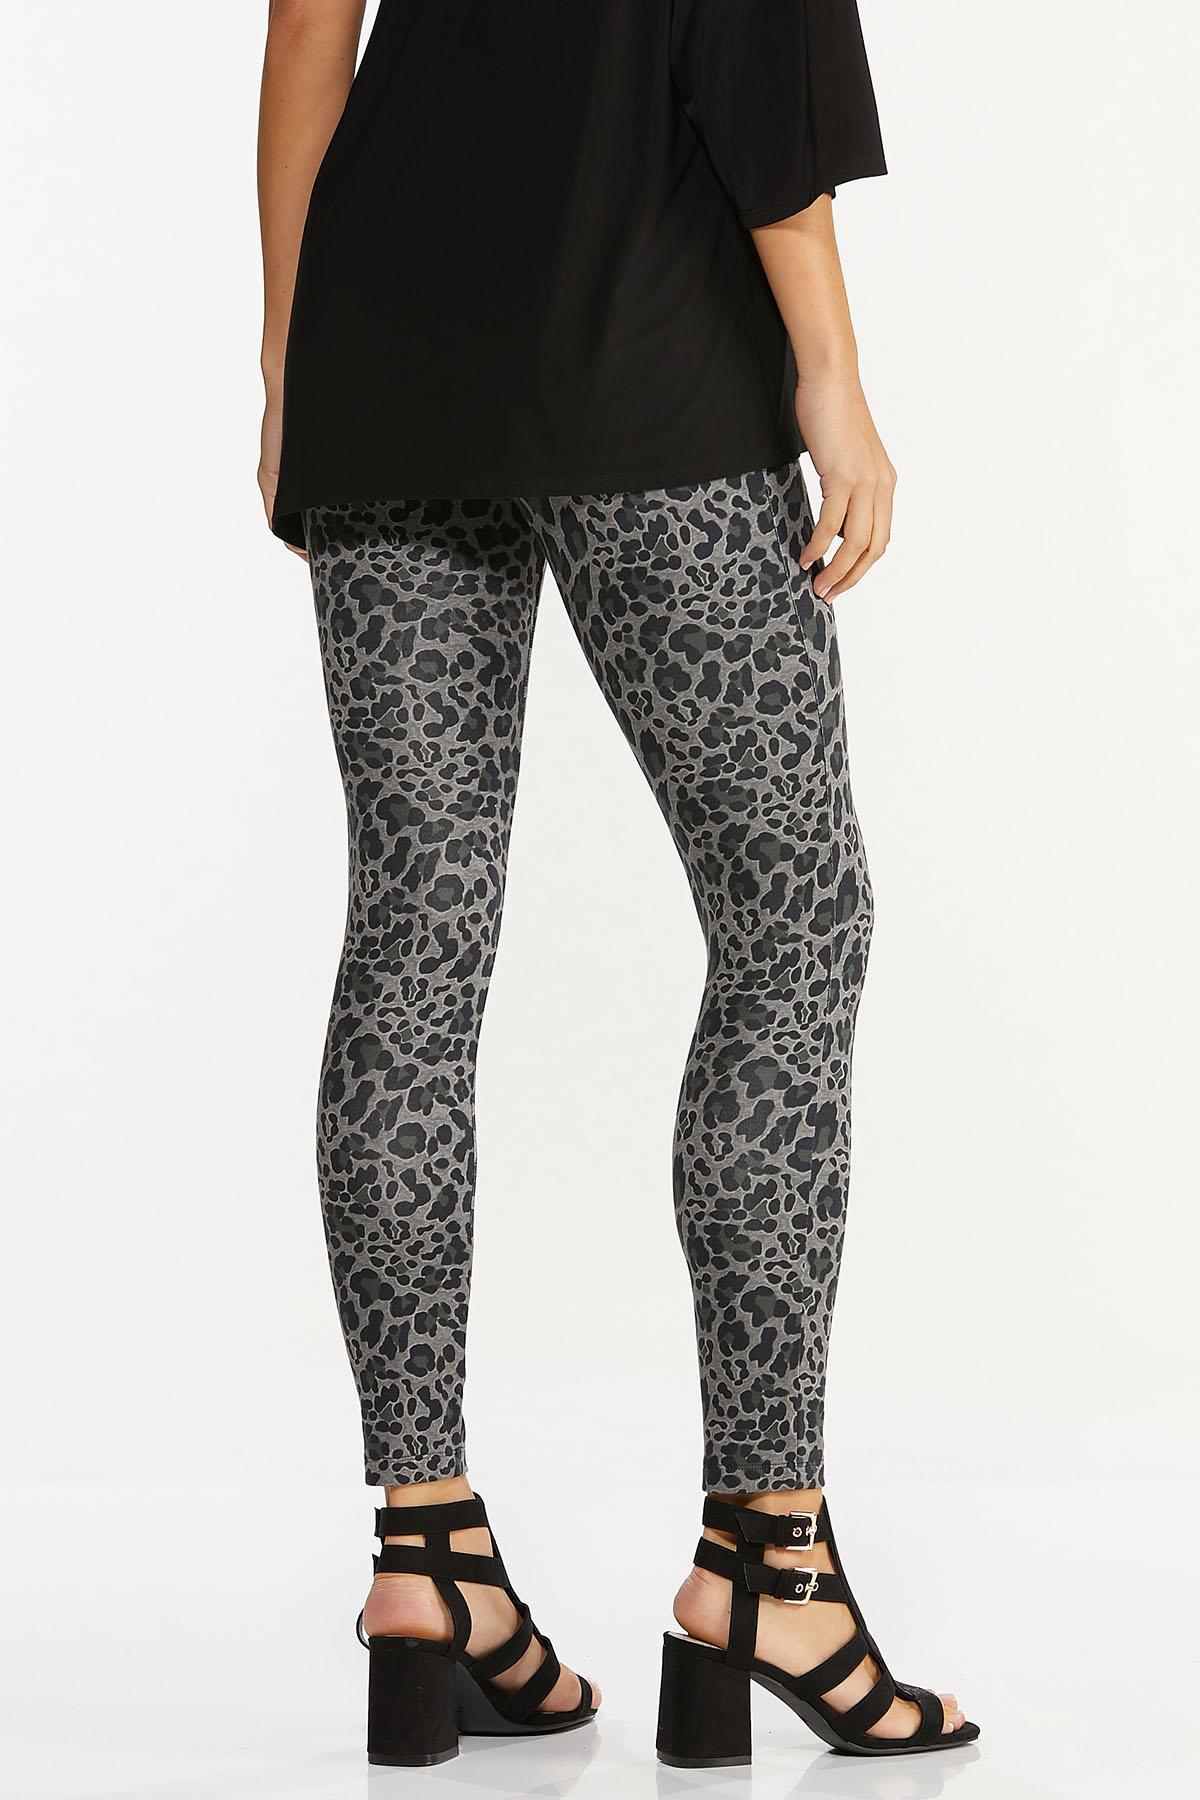 Leopard Ponte Leggings (Item #44671944)